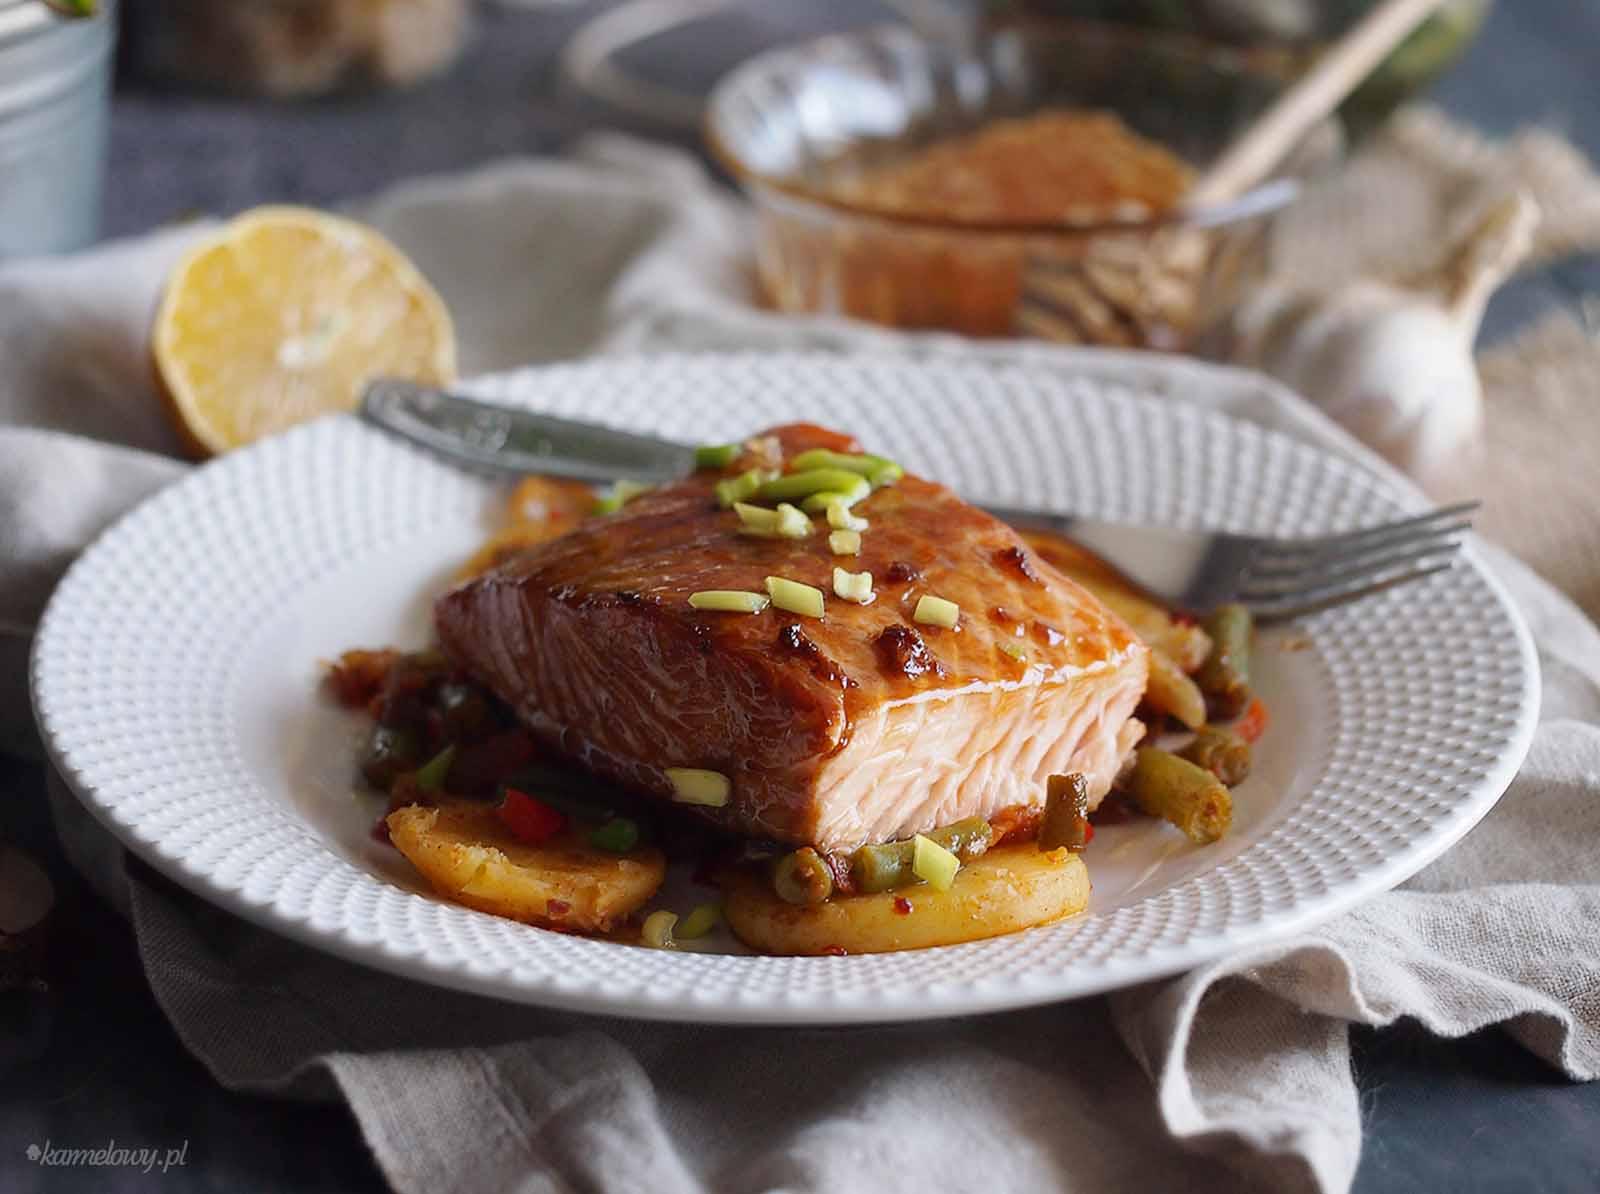 Losos-w-miodowej-glazurze-Honey-glazed-salmon